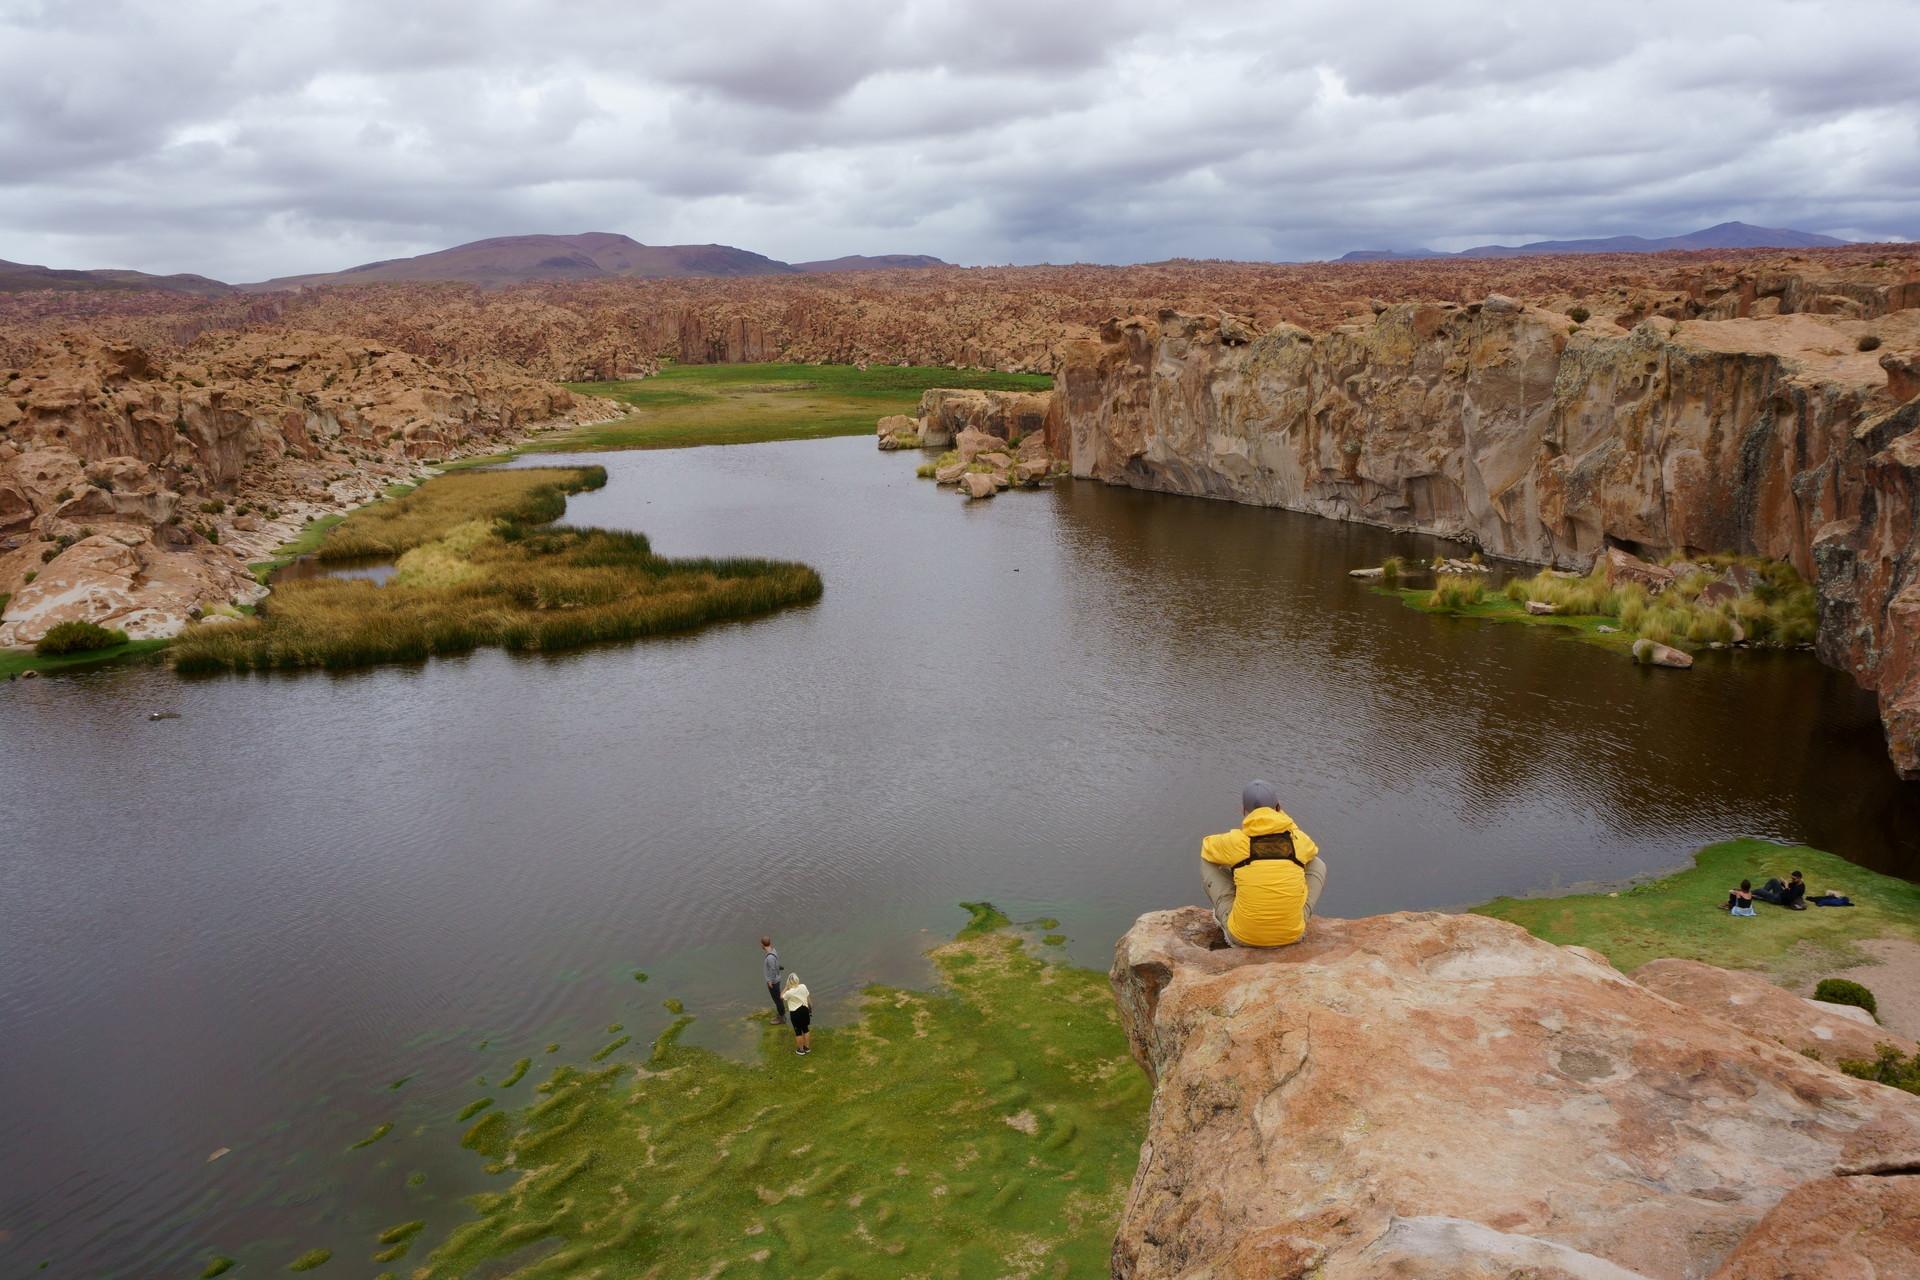 チリ ボリビア ウユニ旅行 2泊3日ツアー 高台